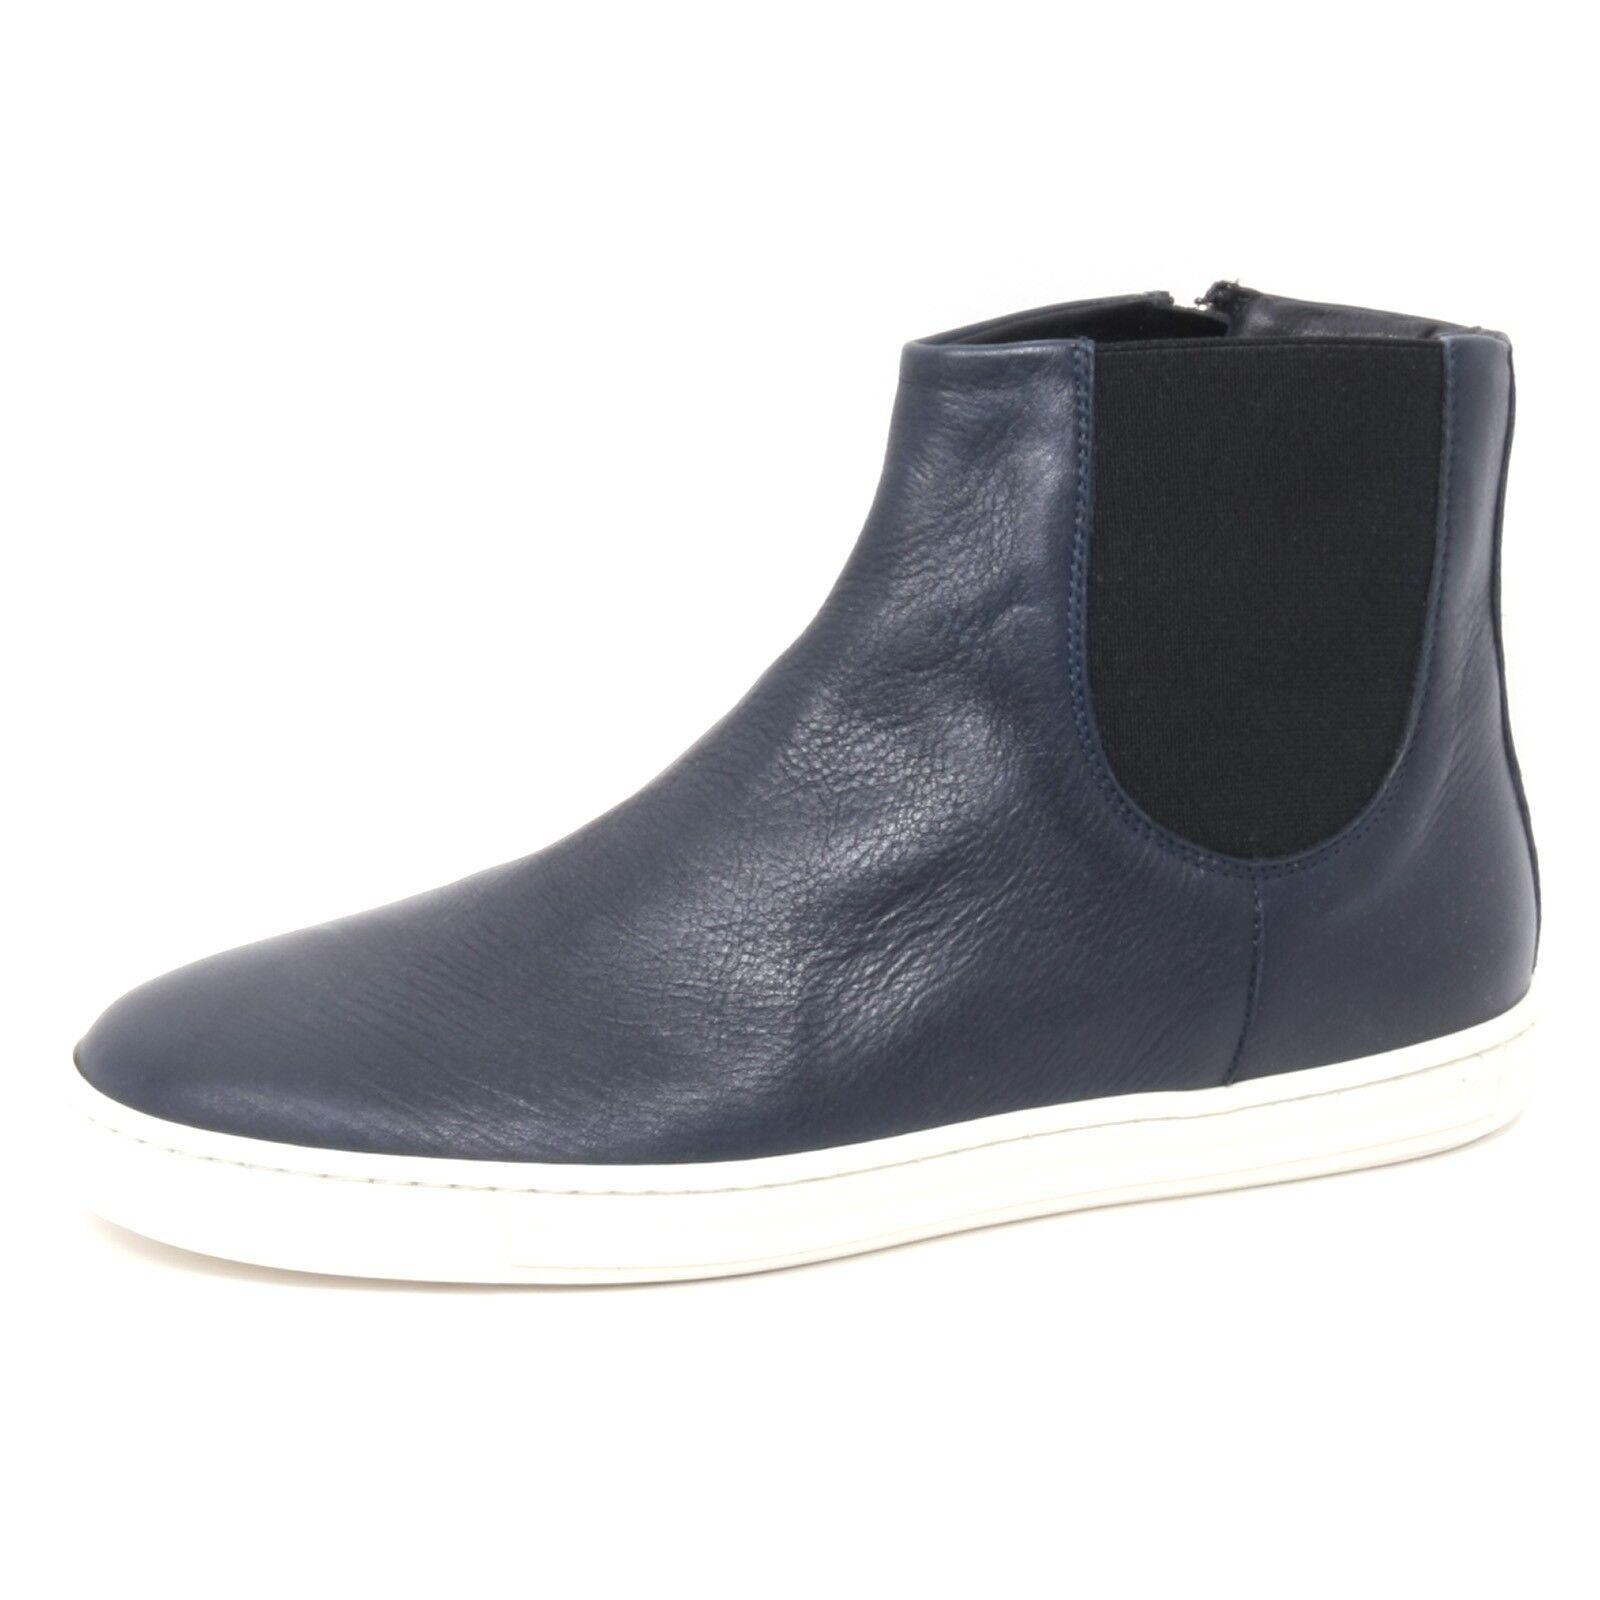 B2886 Sneaker Woman DANIELE ALESSANDRINI shoe bluee shoe woman